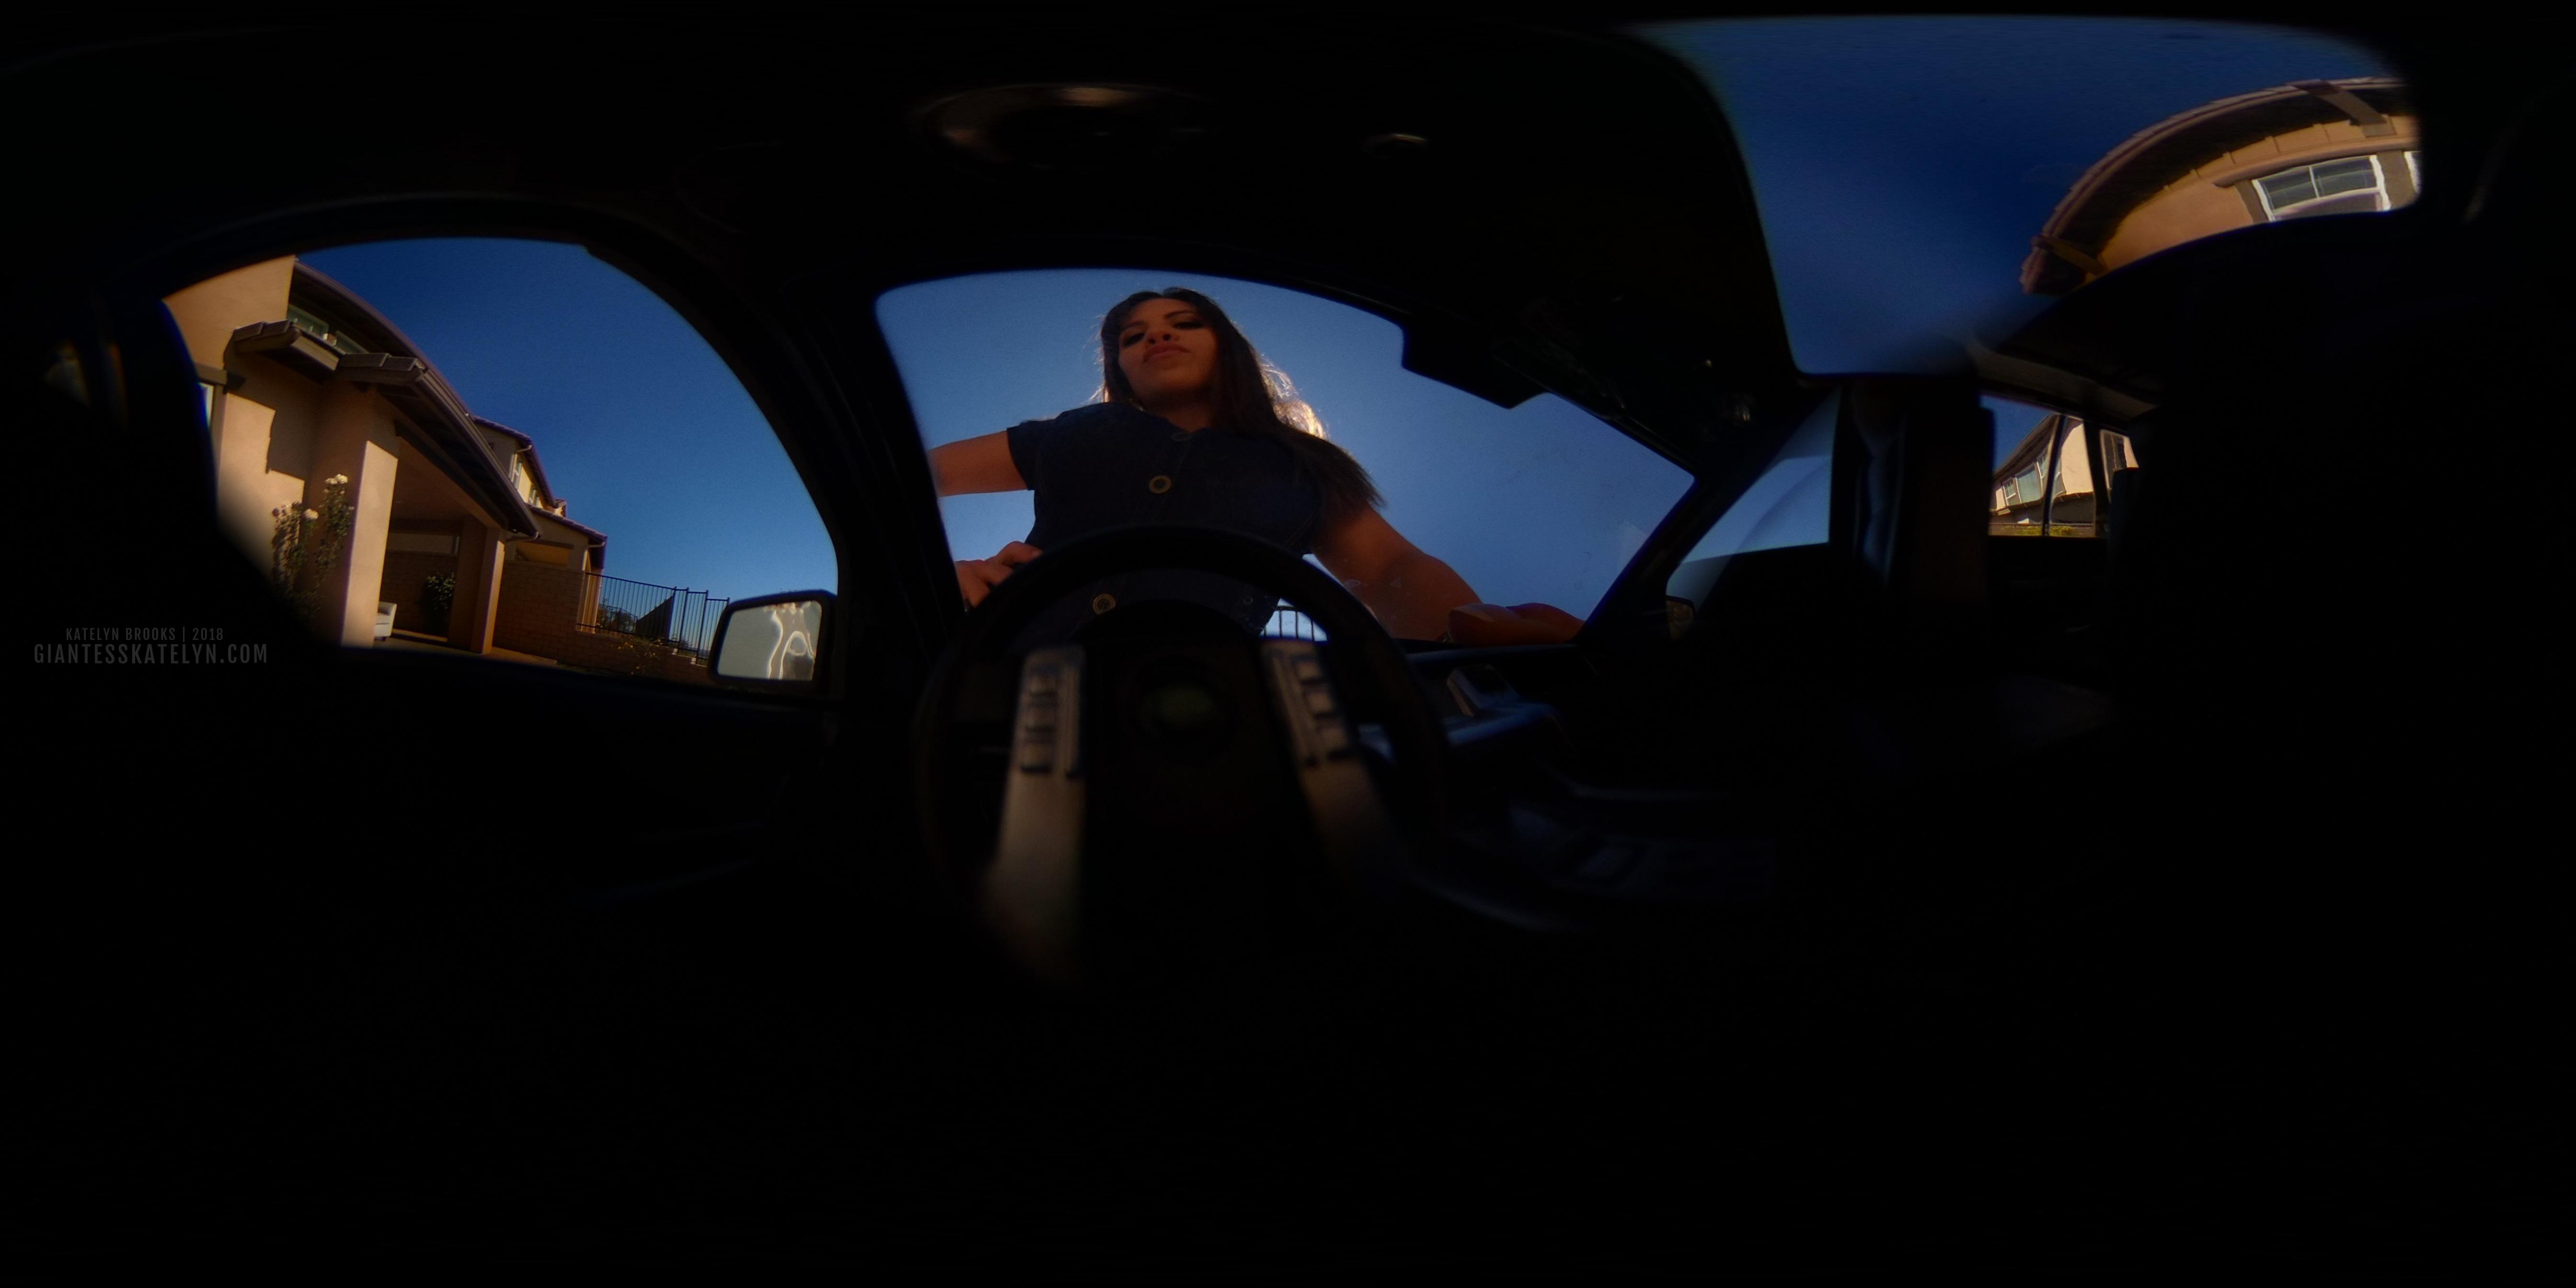 360-4k-vr-shrunken-man-pov-inside-car-22